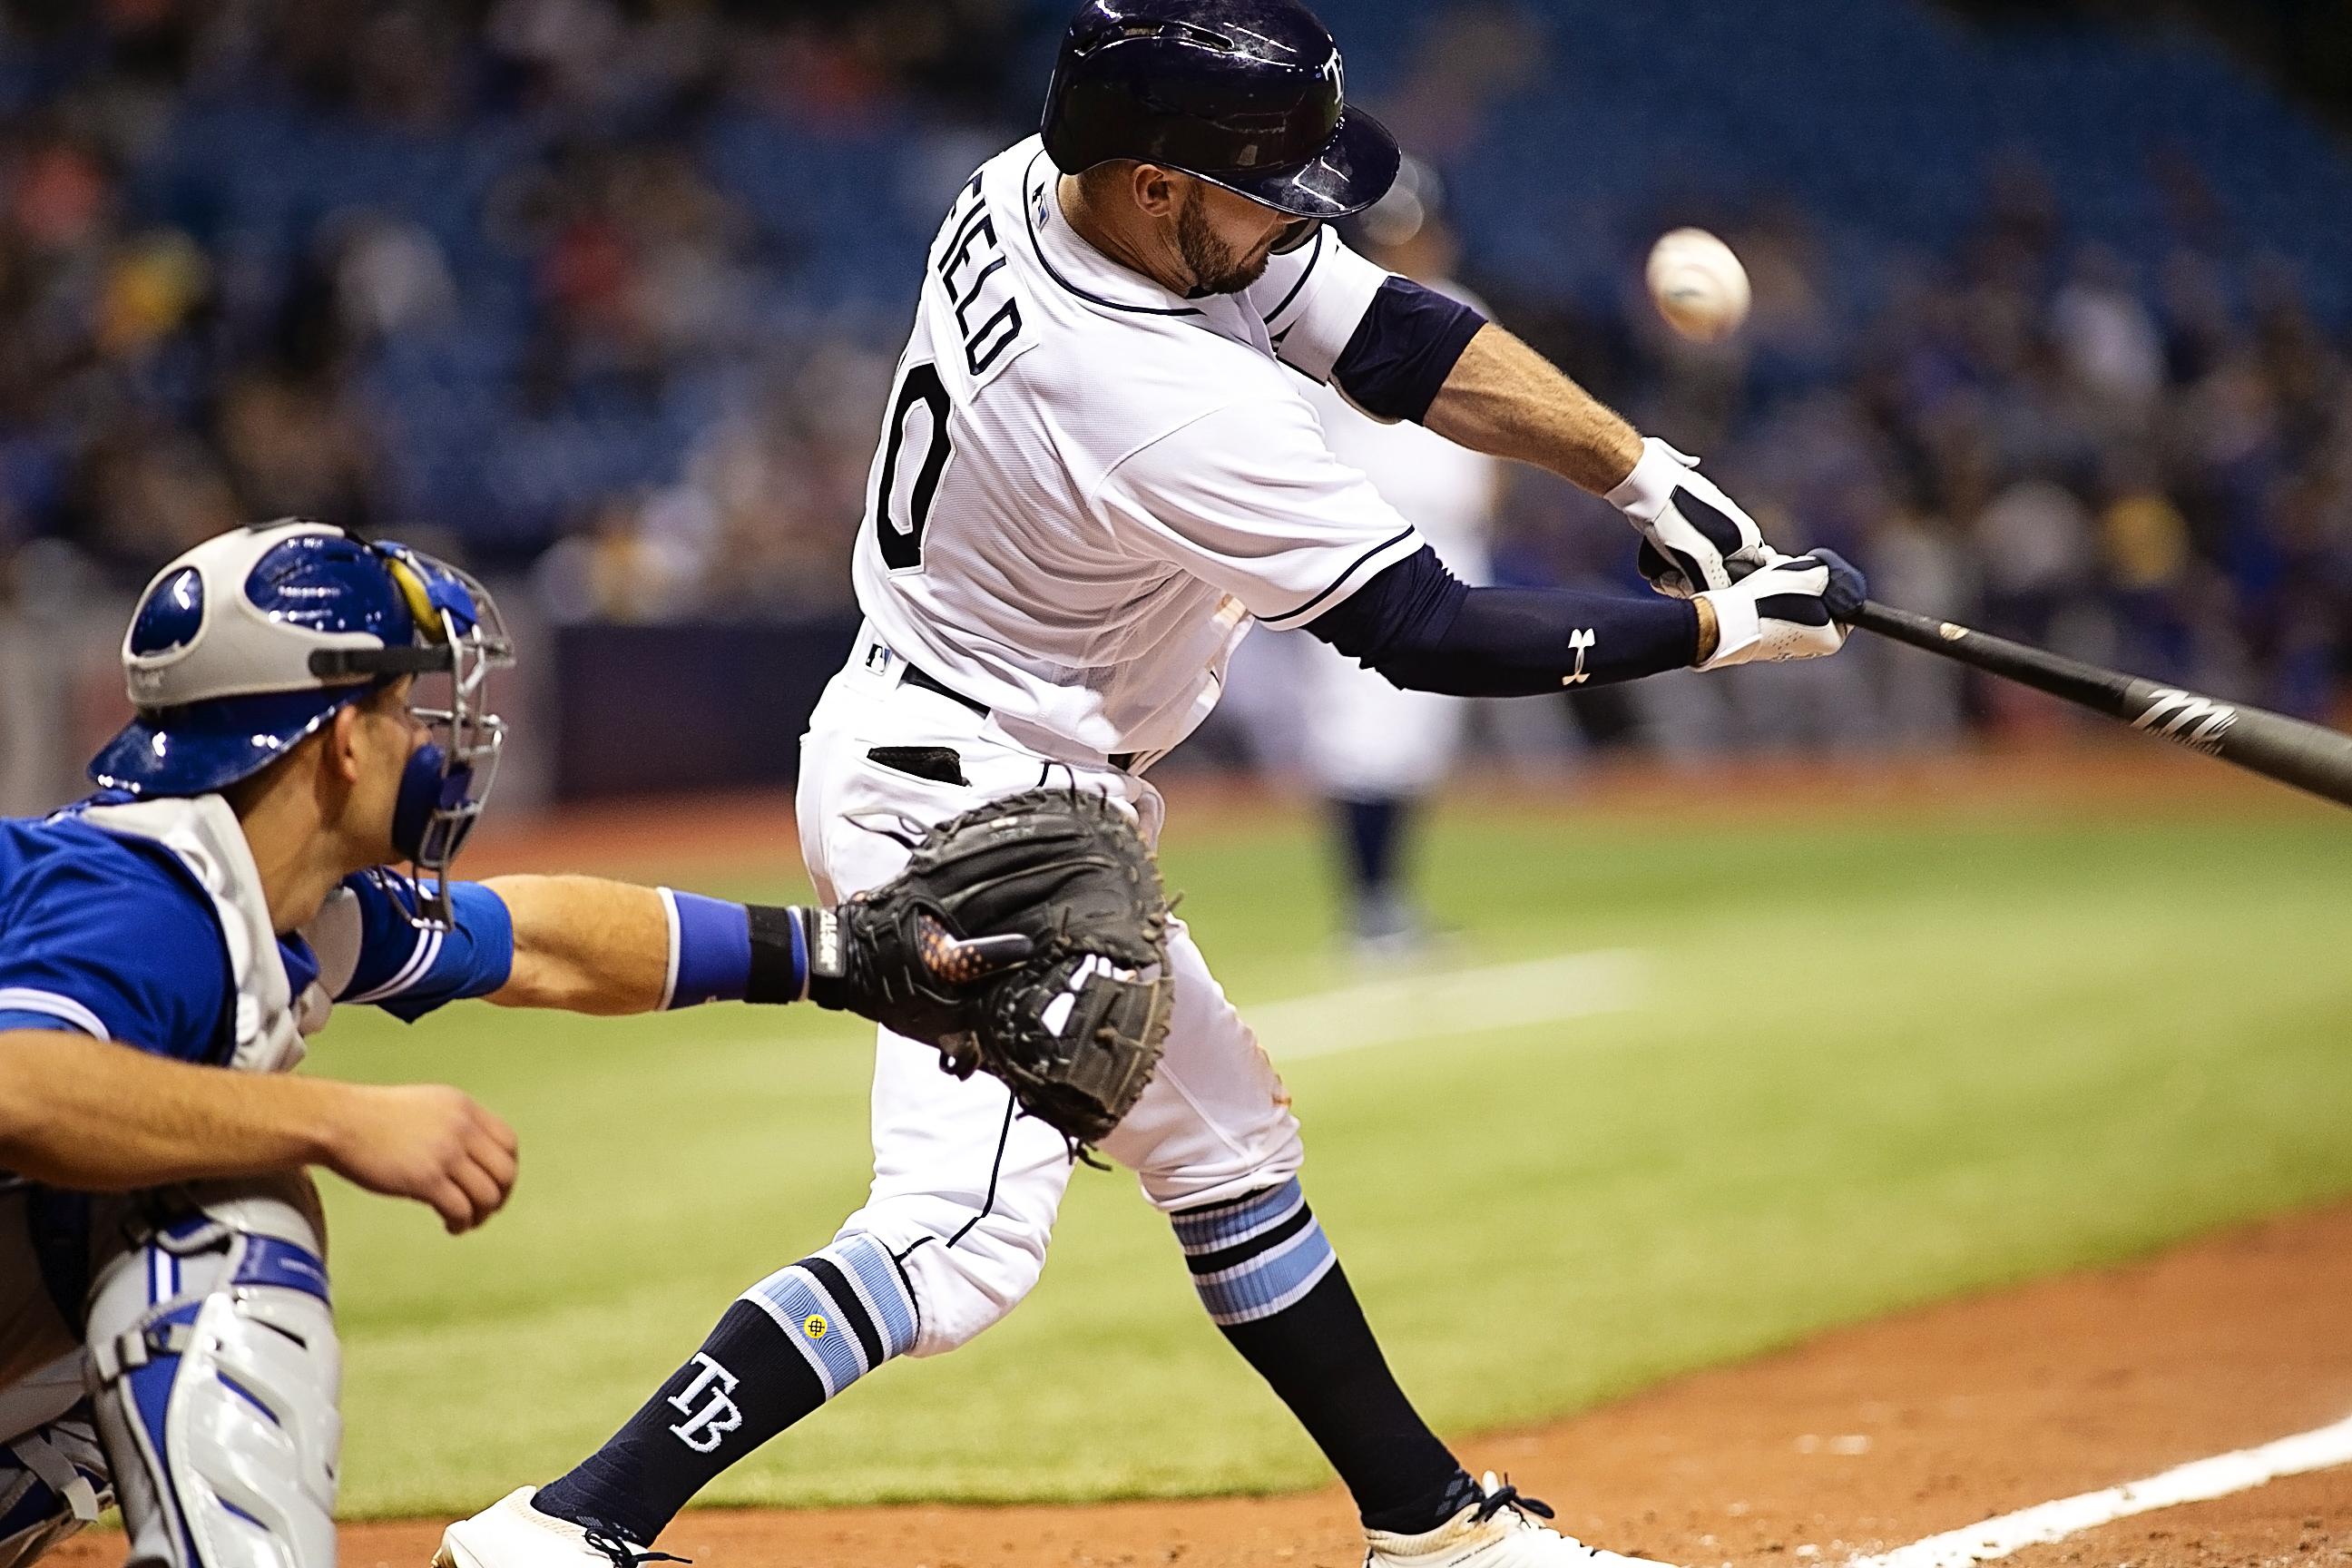 Field had three hits for the Rays./CARMEN MANDATO